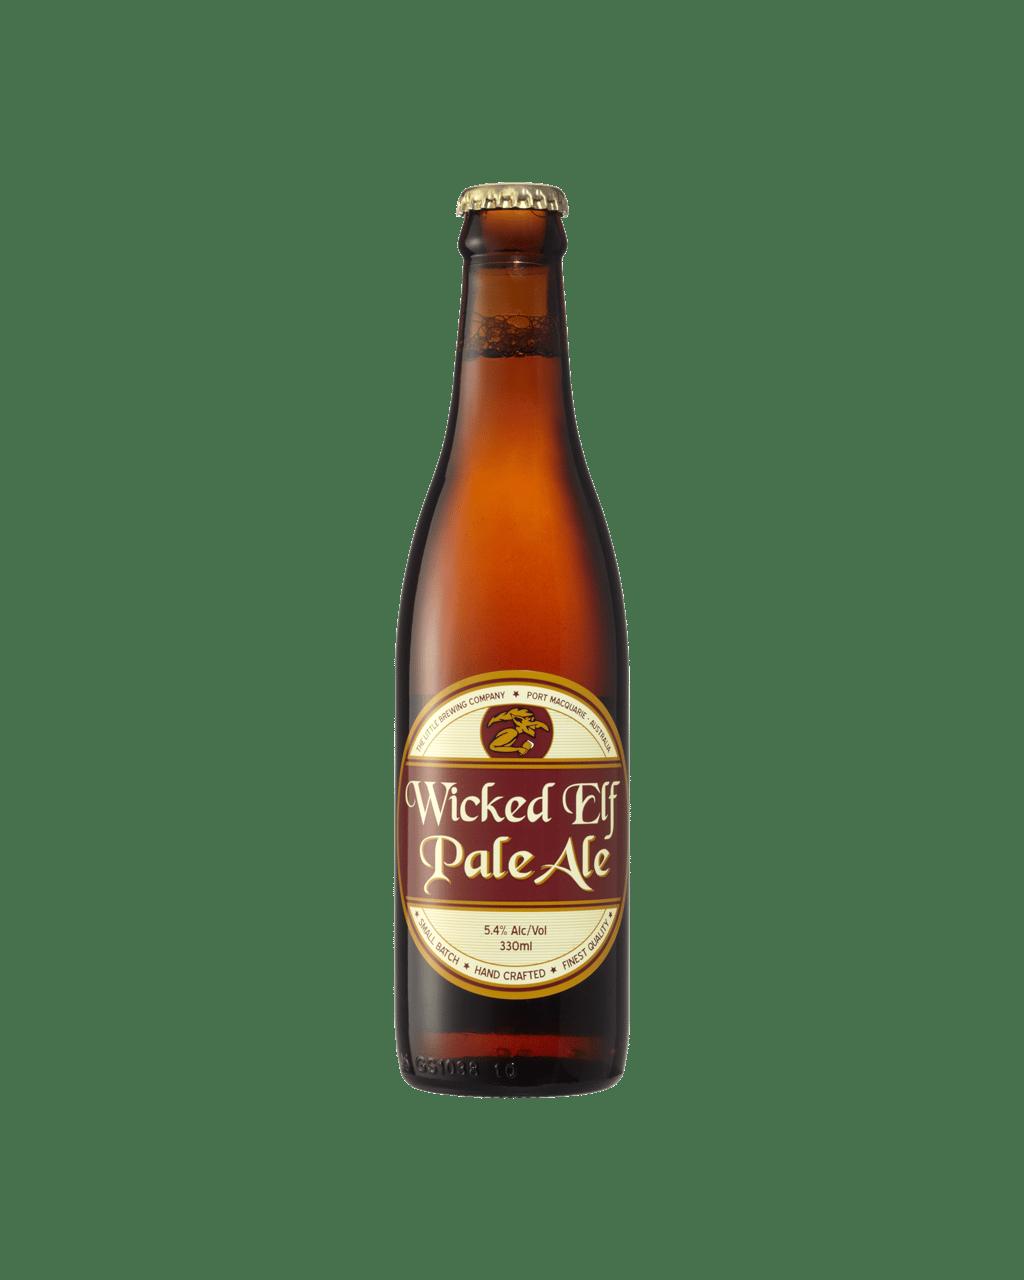 ad3be06485e Wicked Elf Pale Ale 330mL